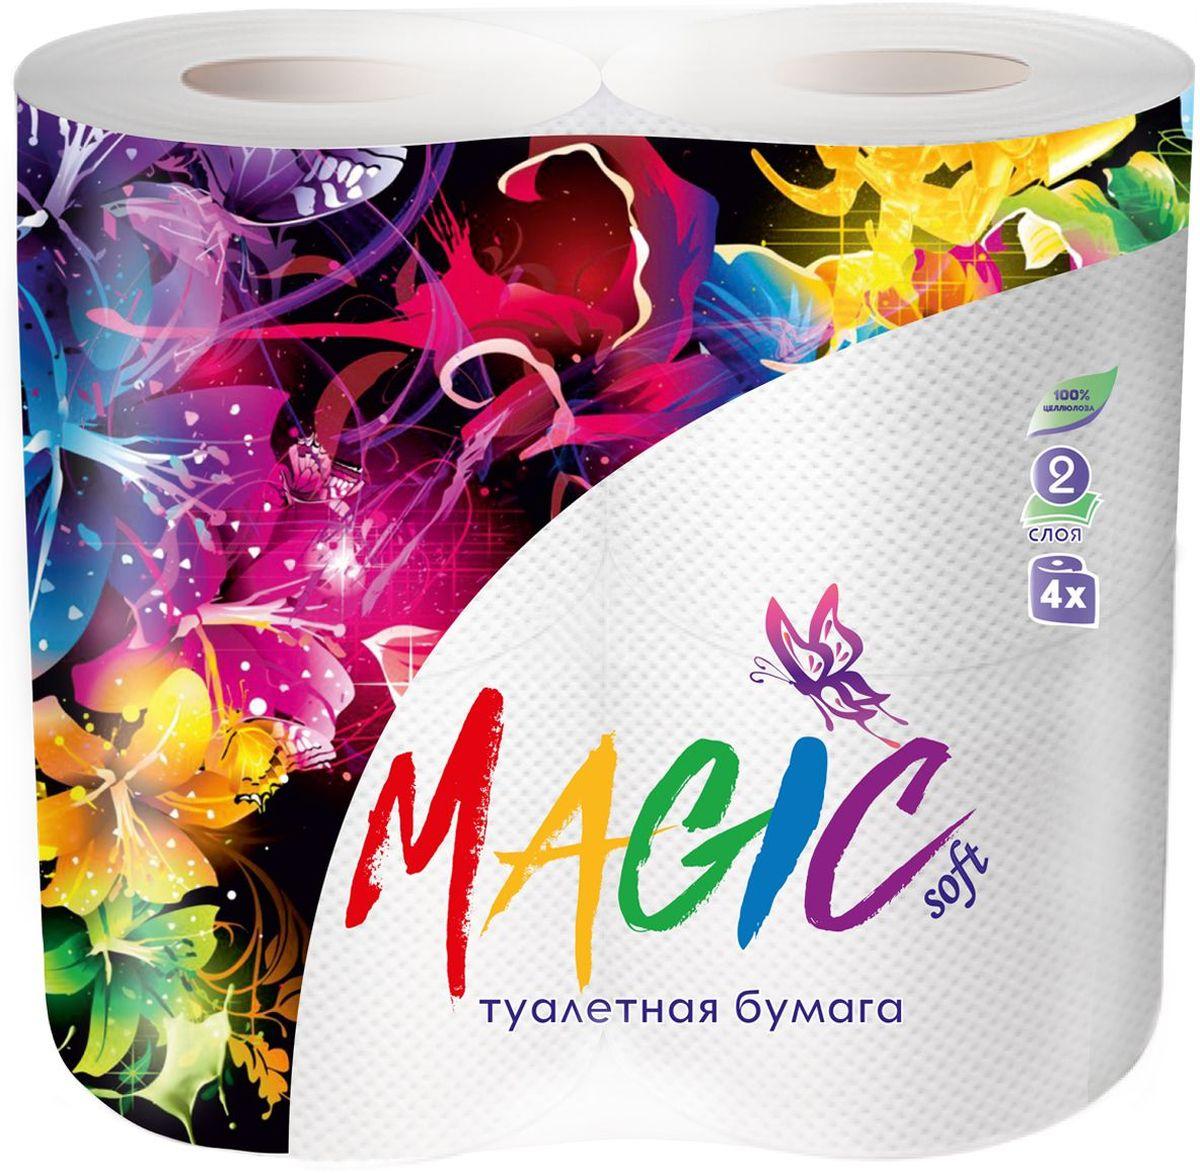 Туалетная бумага Magic Soft, цвет: белый, 4 рулона20010Туалетная бумага Magic имеет 2 слоя. Она предназначена для бытового и санитарно-гигиенического назначения. Одноразового использования.В комплекте: 4 рулона.